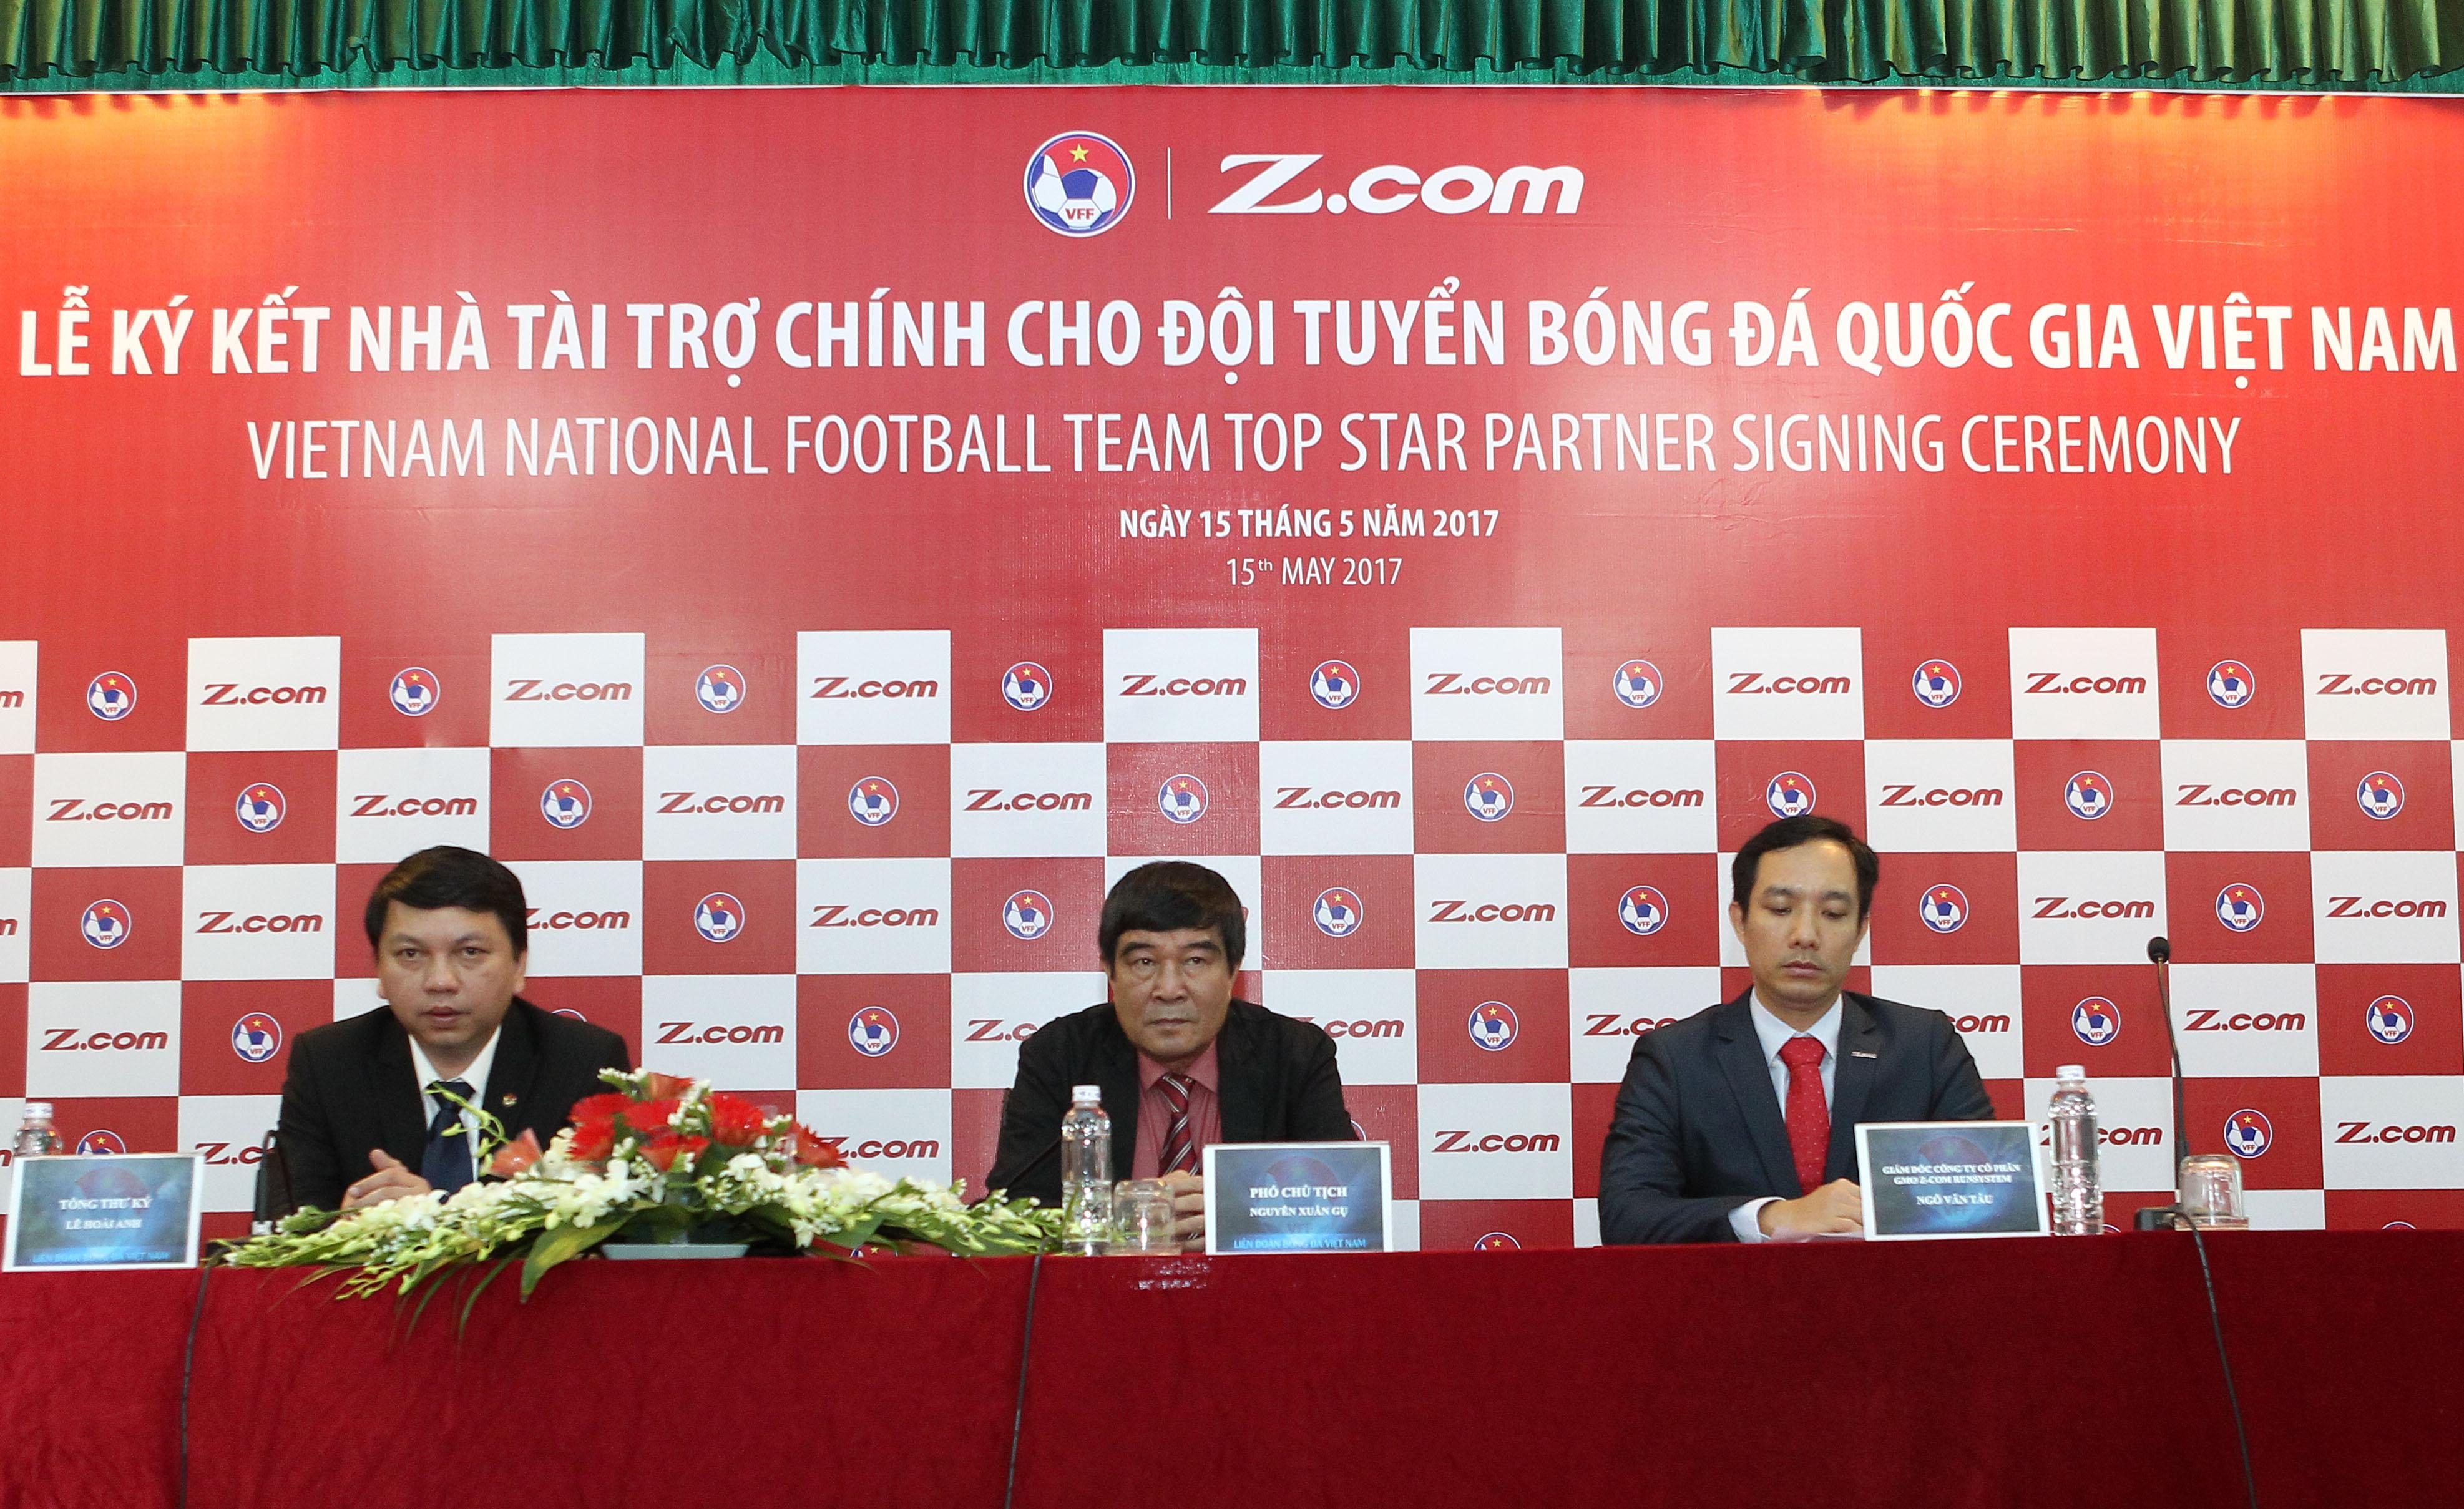 Lế kí kết với Nhà Tài Trợ Chính ZCOM cho đội tuyển Bóng đá Quốc Gia Việt Nam